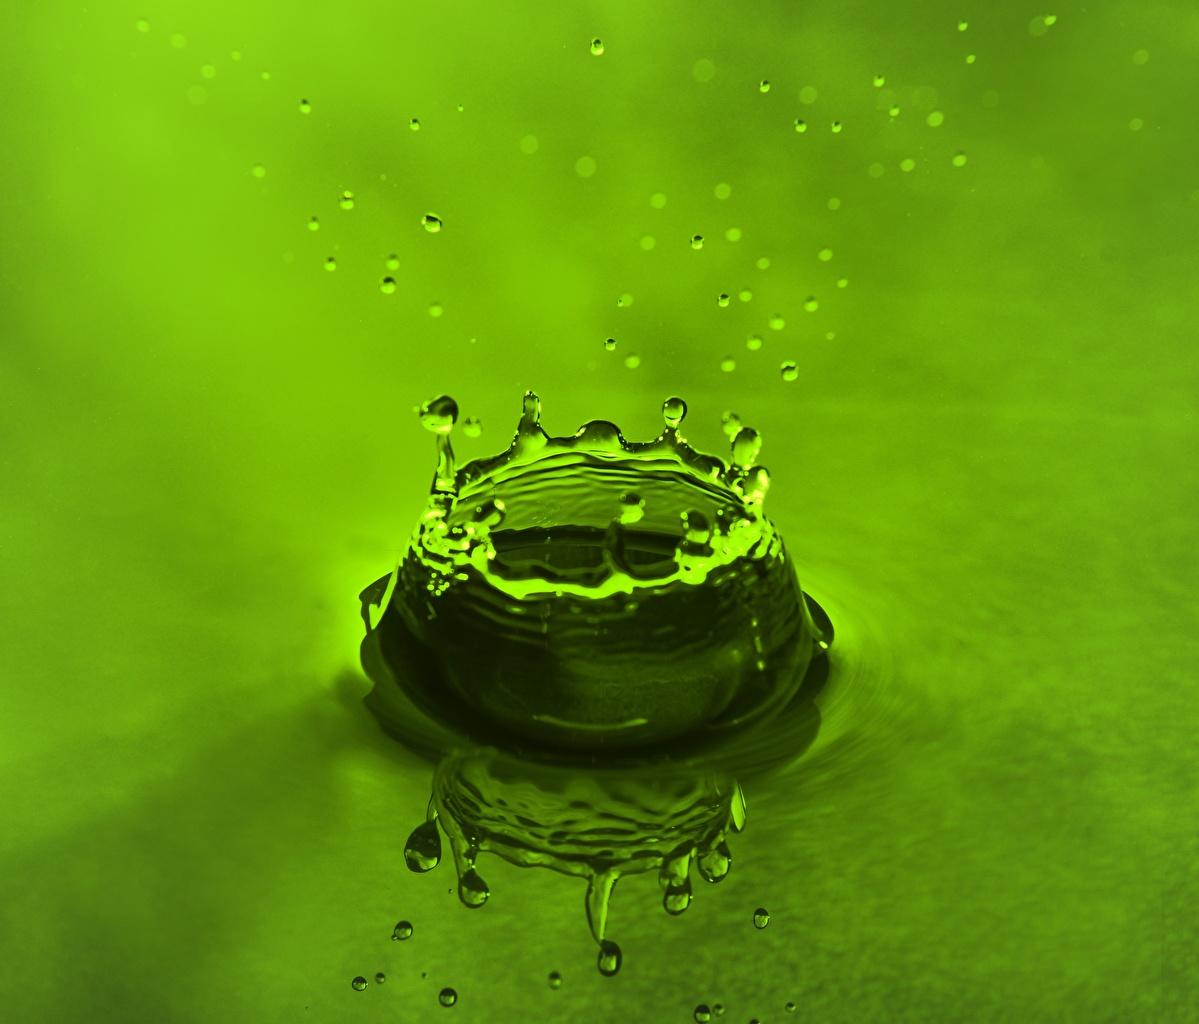 Fotos von Grün Tropfen spritzwasser Wasser Wasser spritzt